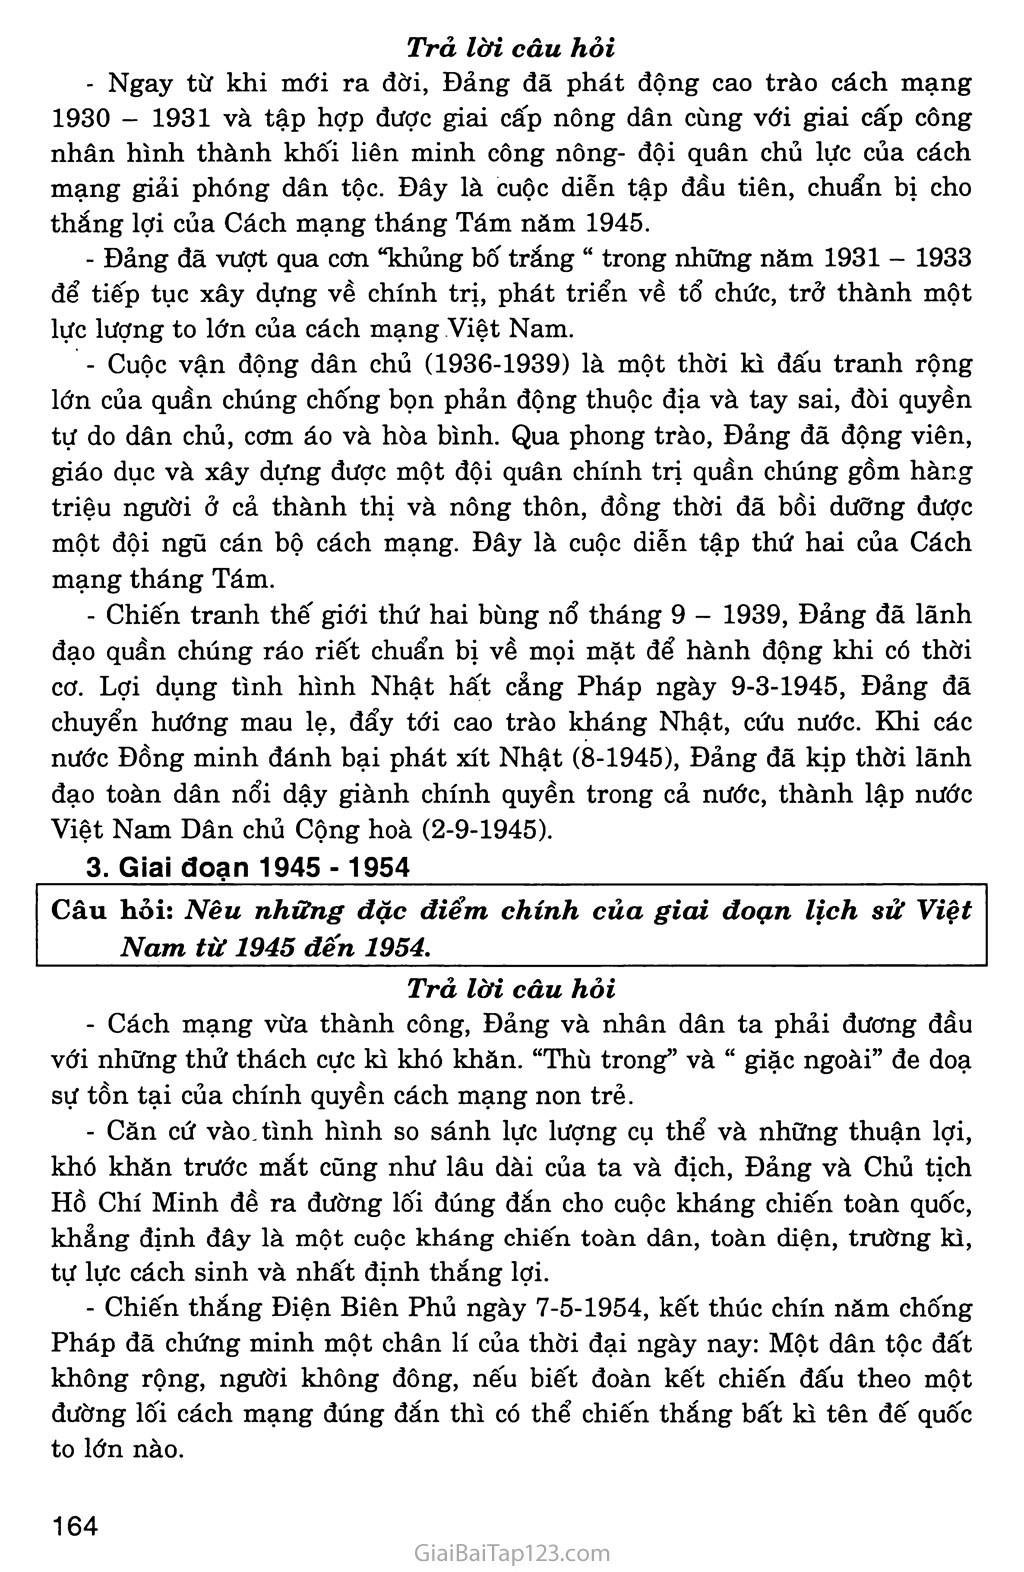 Bài 34: Tổng kết lịch sử Việt Nam từ sau Chiến tranh thế giới thứ nhất đến năm 2000 trang 3